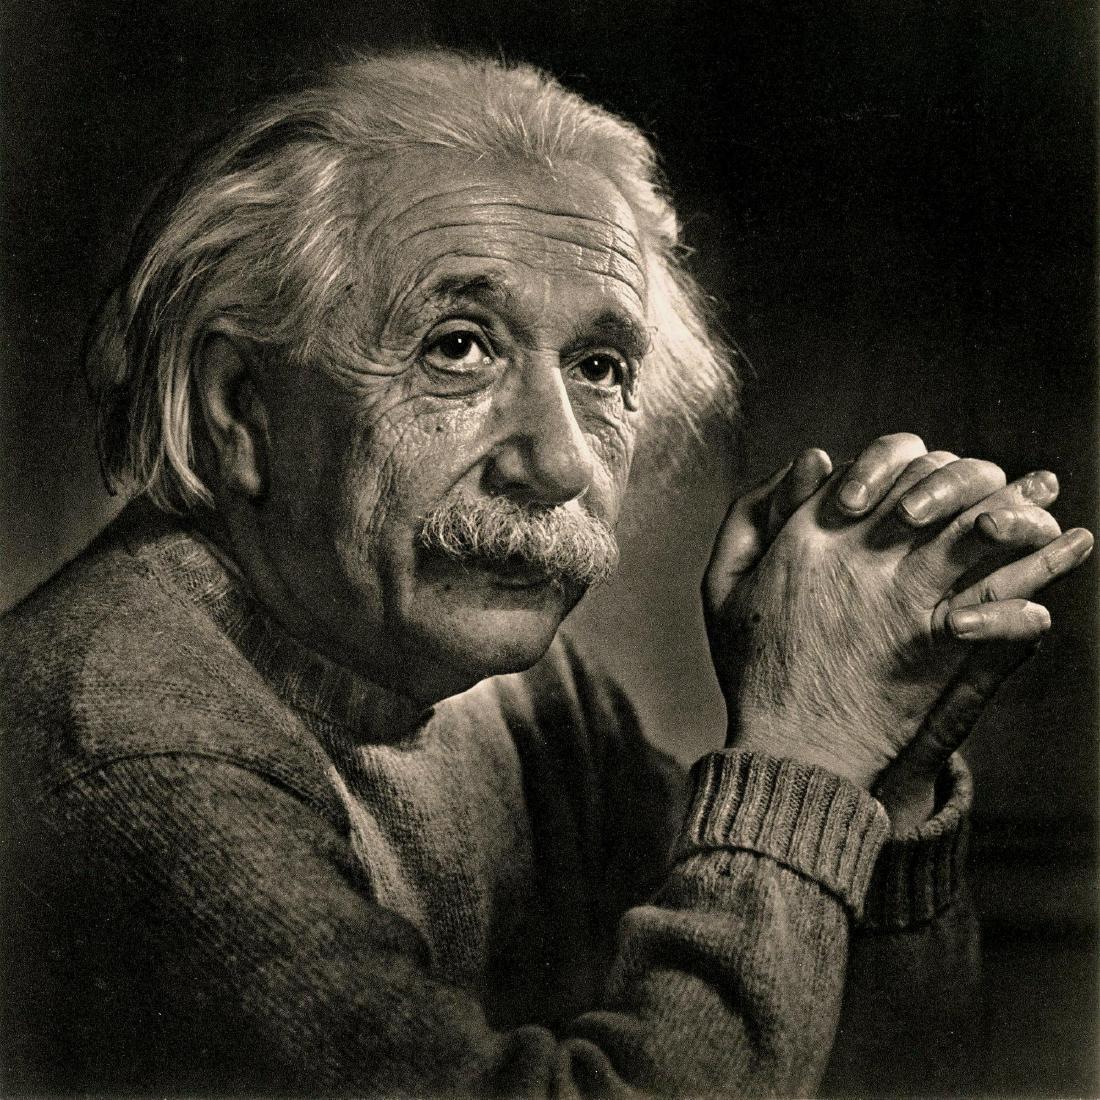 622: YOUSUF KARSH - Albert Einstein